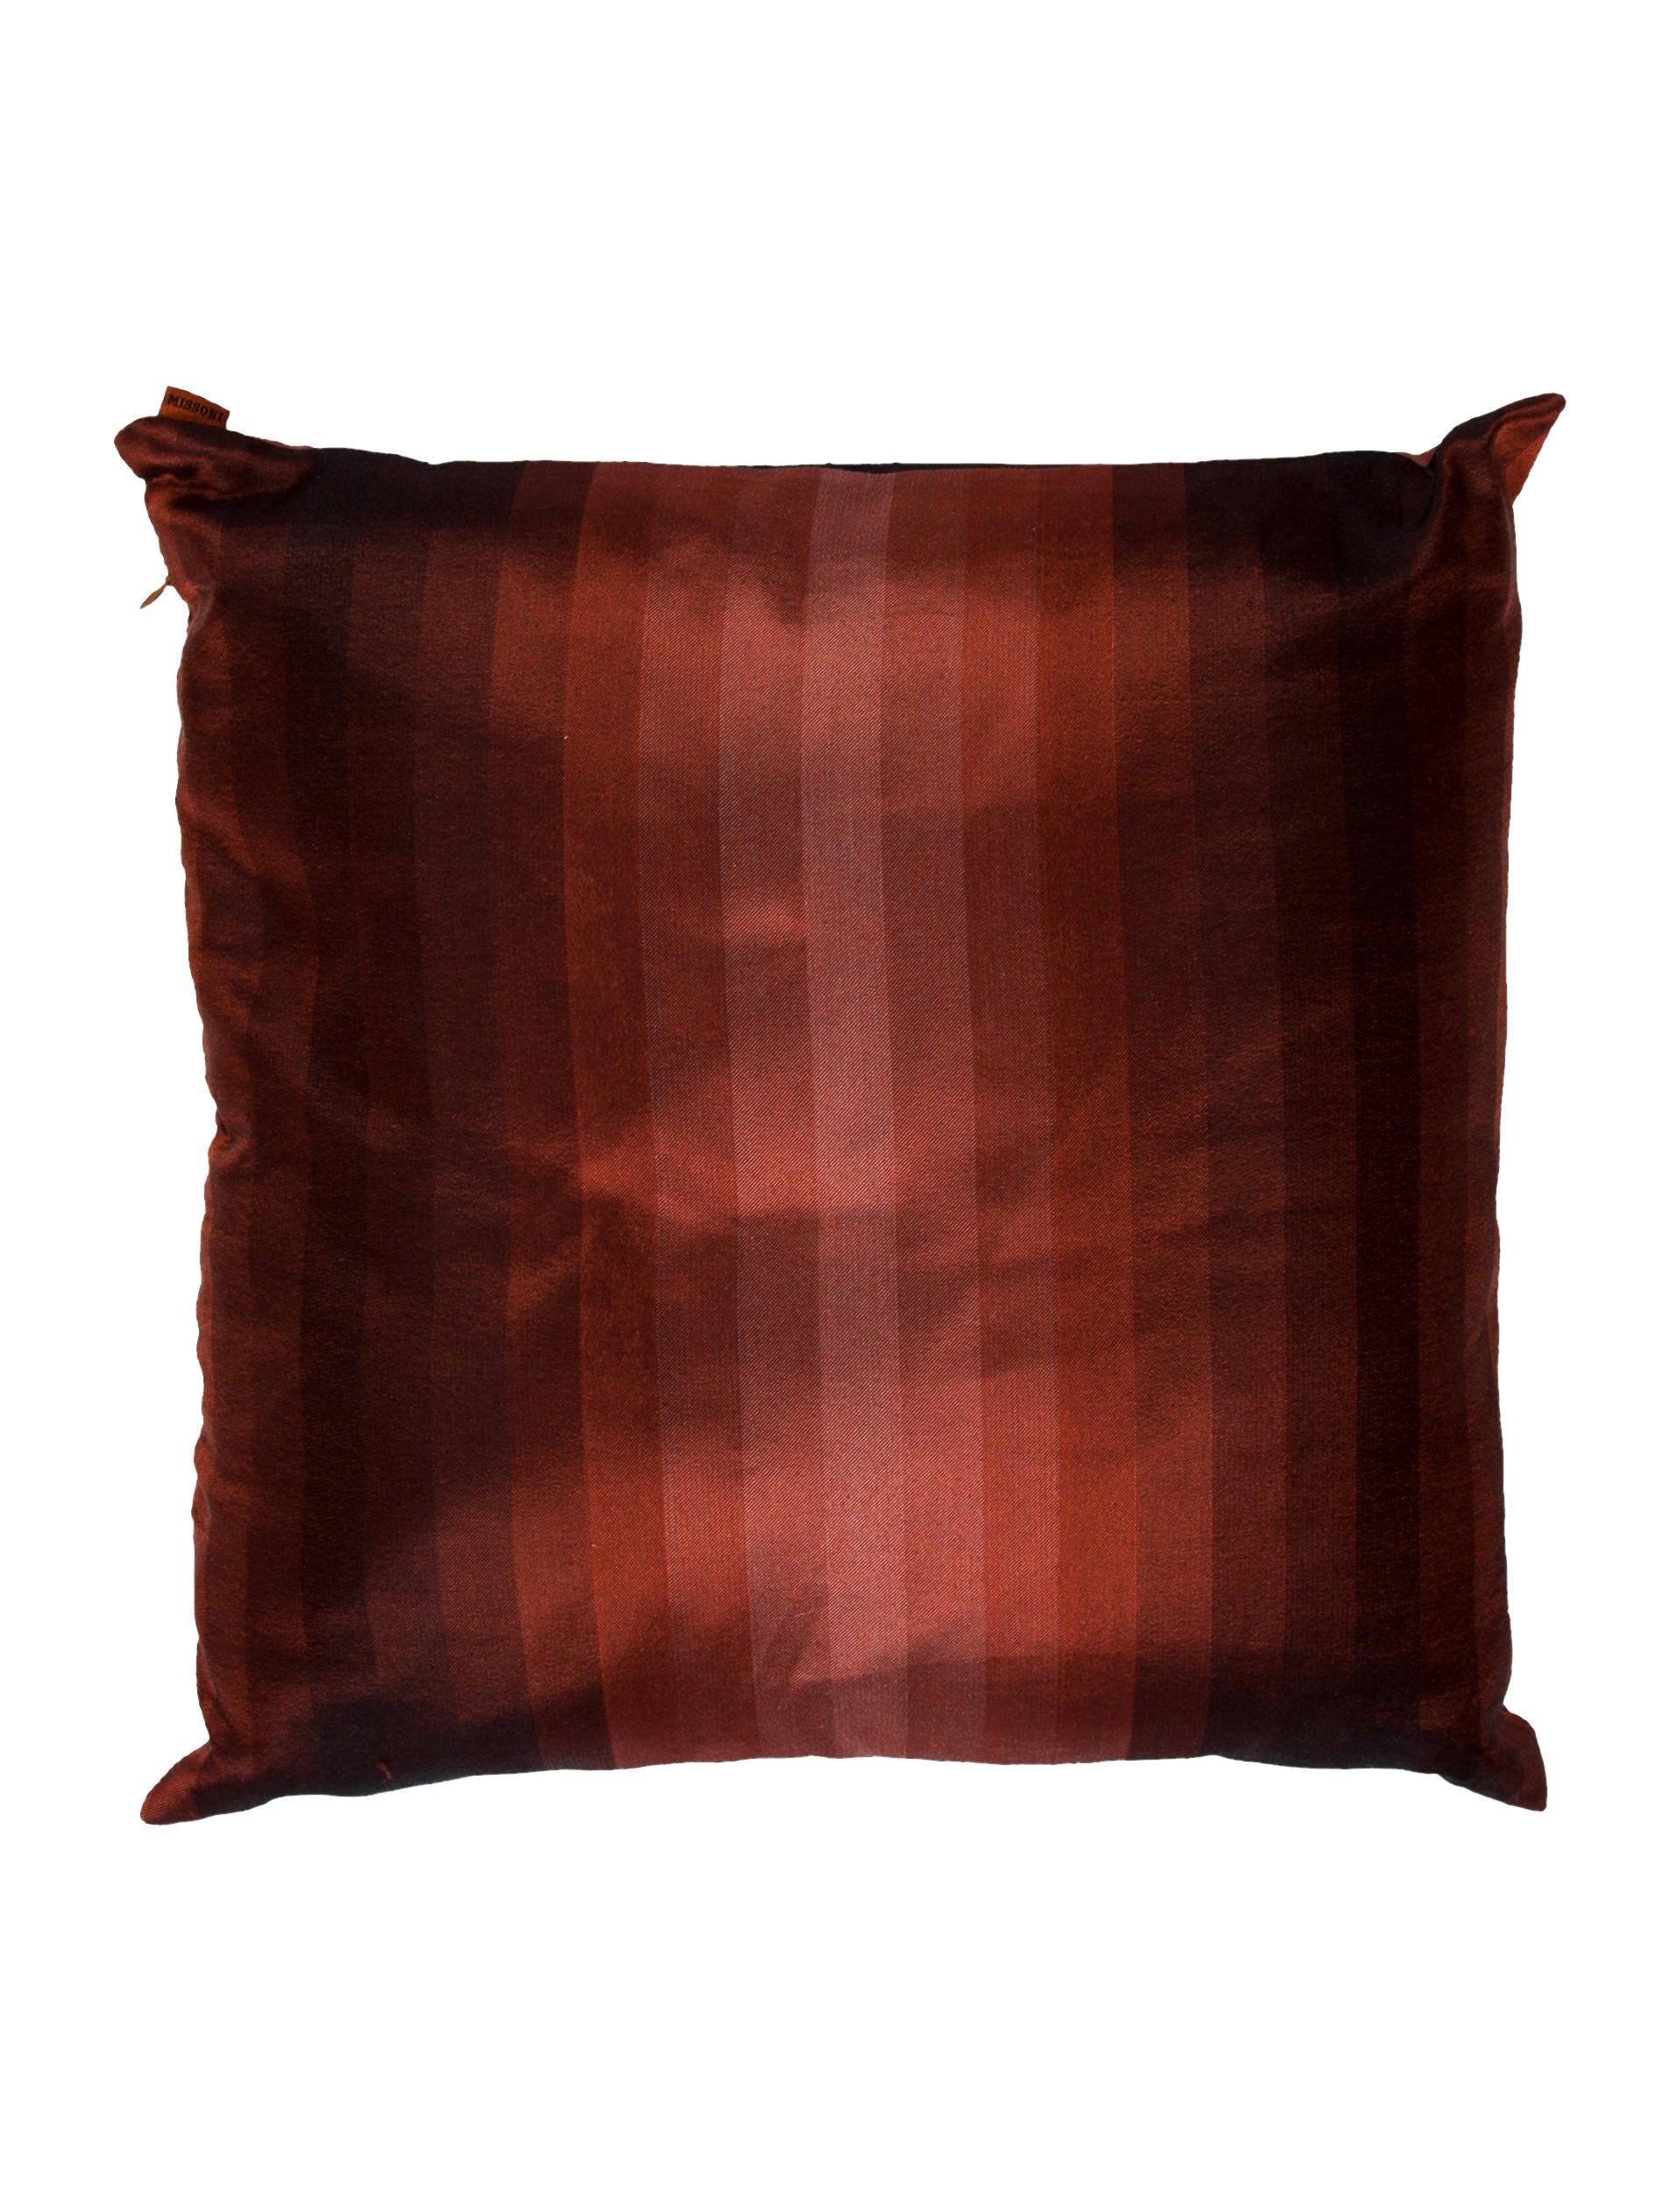 Throw Pillows Set : Missoni Set of 3 Striped Throw Pillows - Pillows And Throws - MIS46654 The RealReal